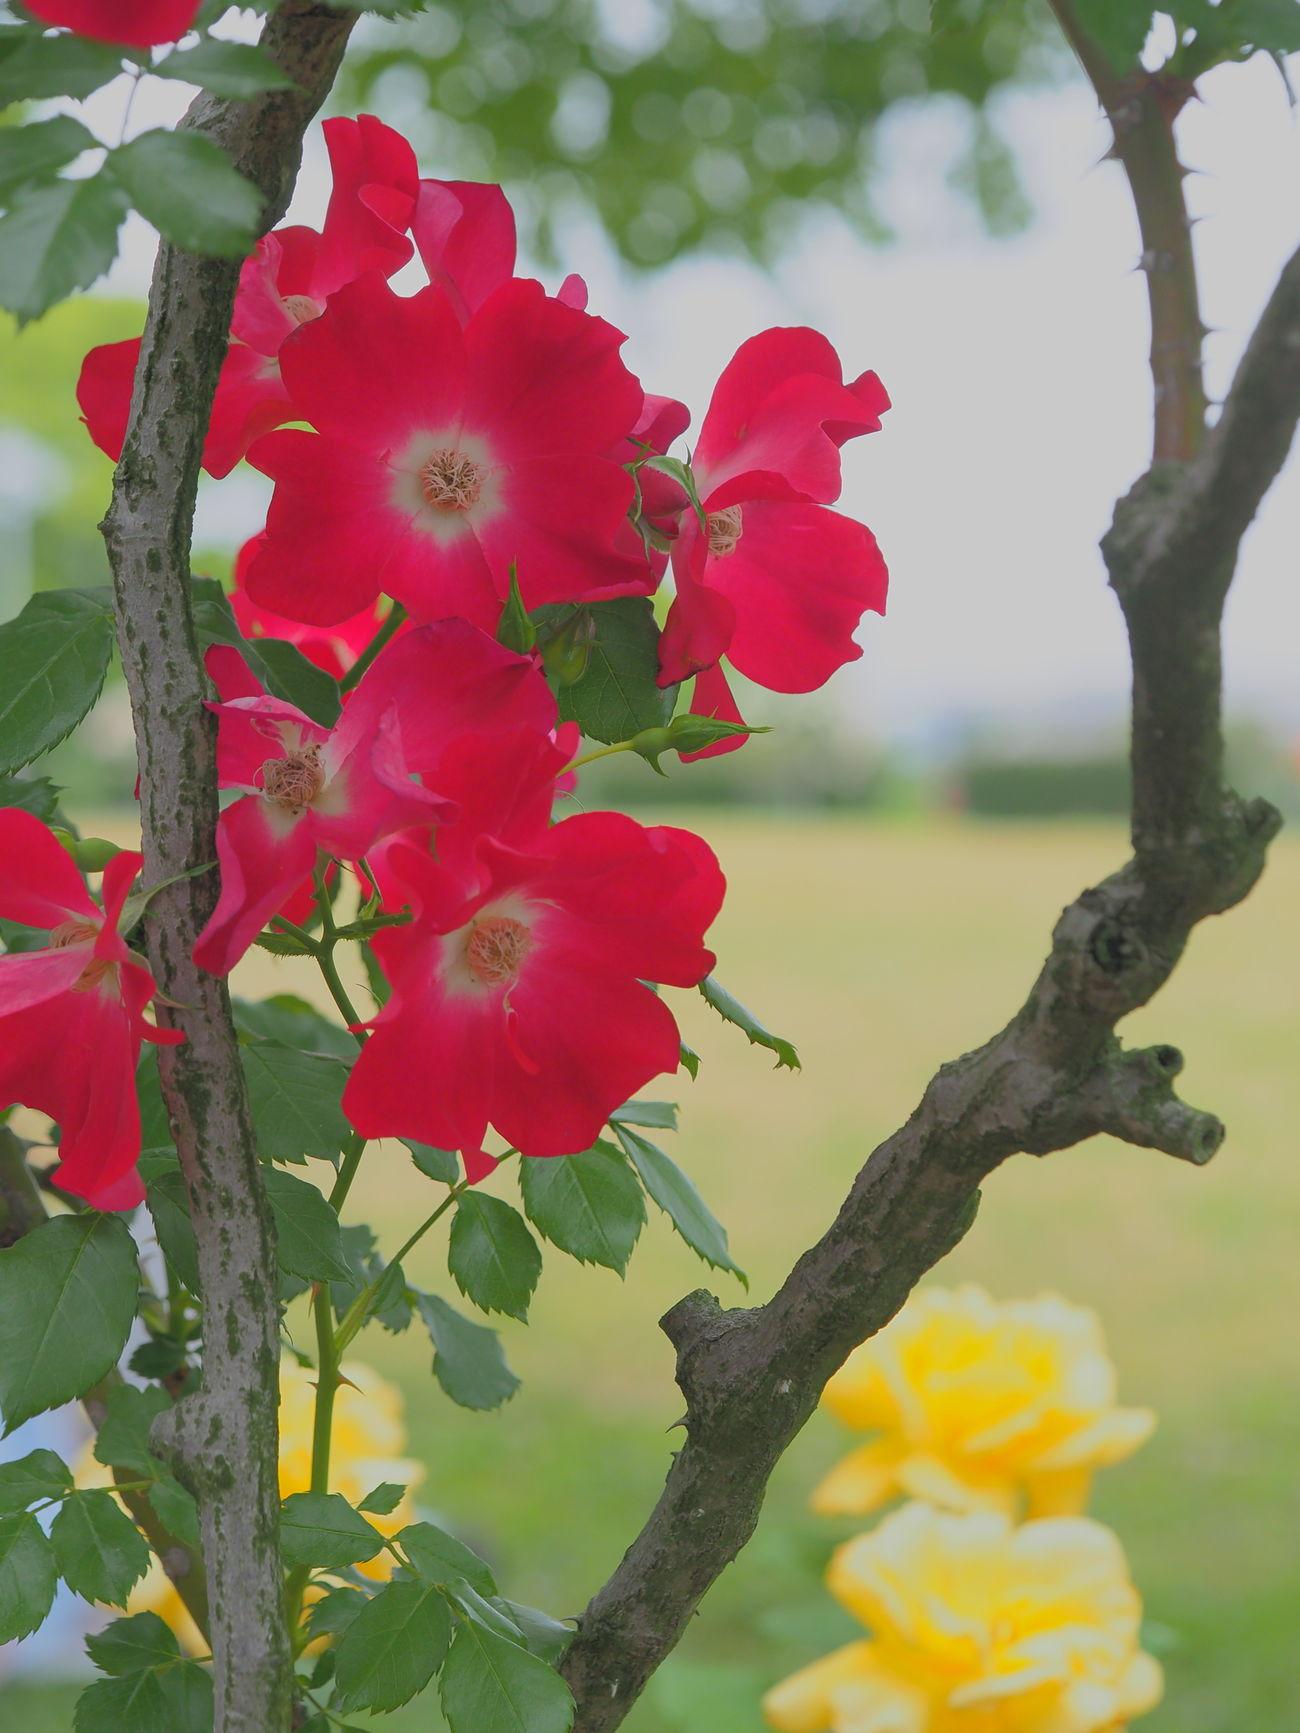 EyeEm EyeEm Best Shots EyeEm Gallery EyeEm Nature Lover EyeEmBestPics EyeEmFlower Red Red Flower Rose - Flower Roses Roses🌹 Rose♥